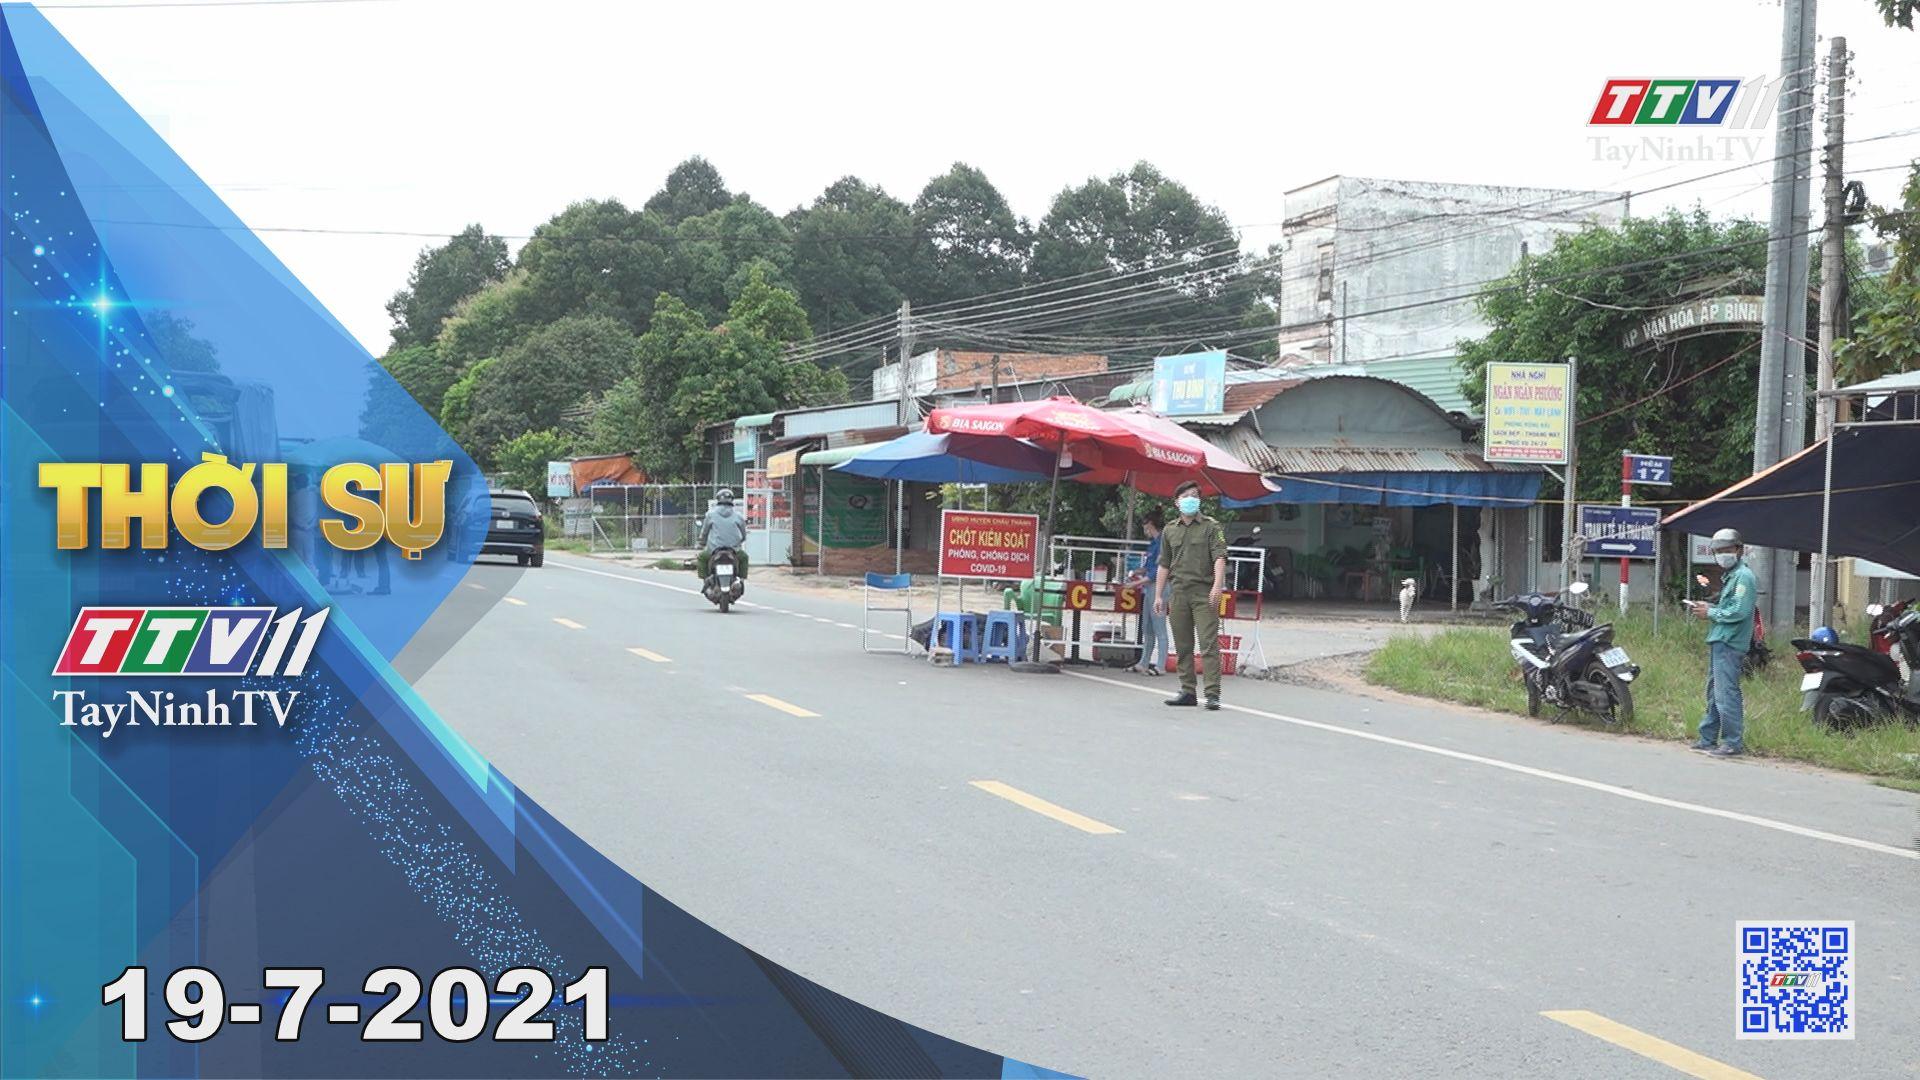 Thời sự Tây Ninh 19-7-2021 | Tin tức hôm nay | TayNinhTV